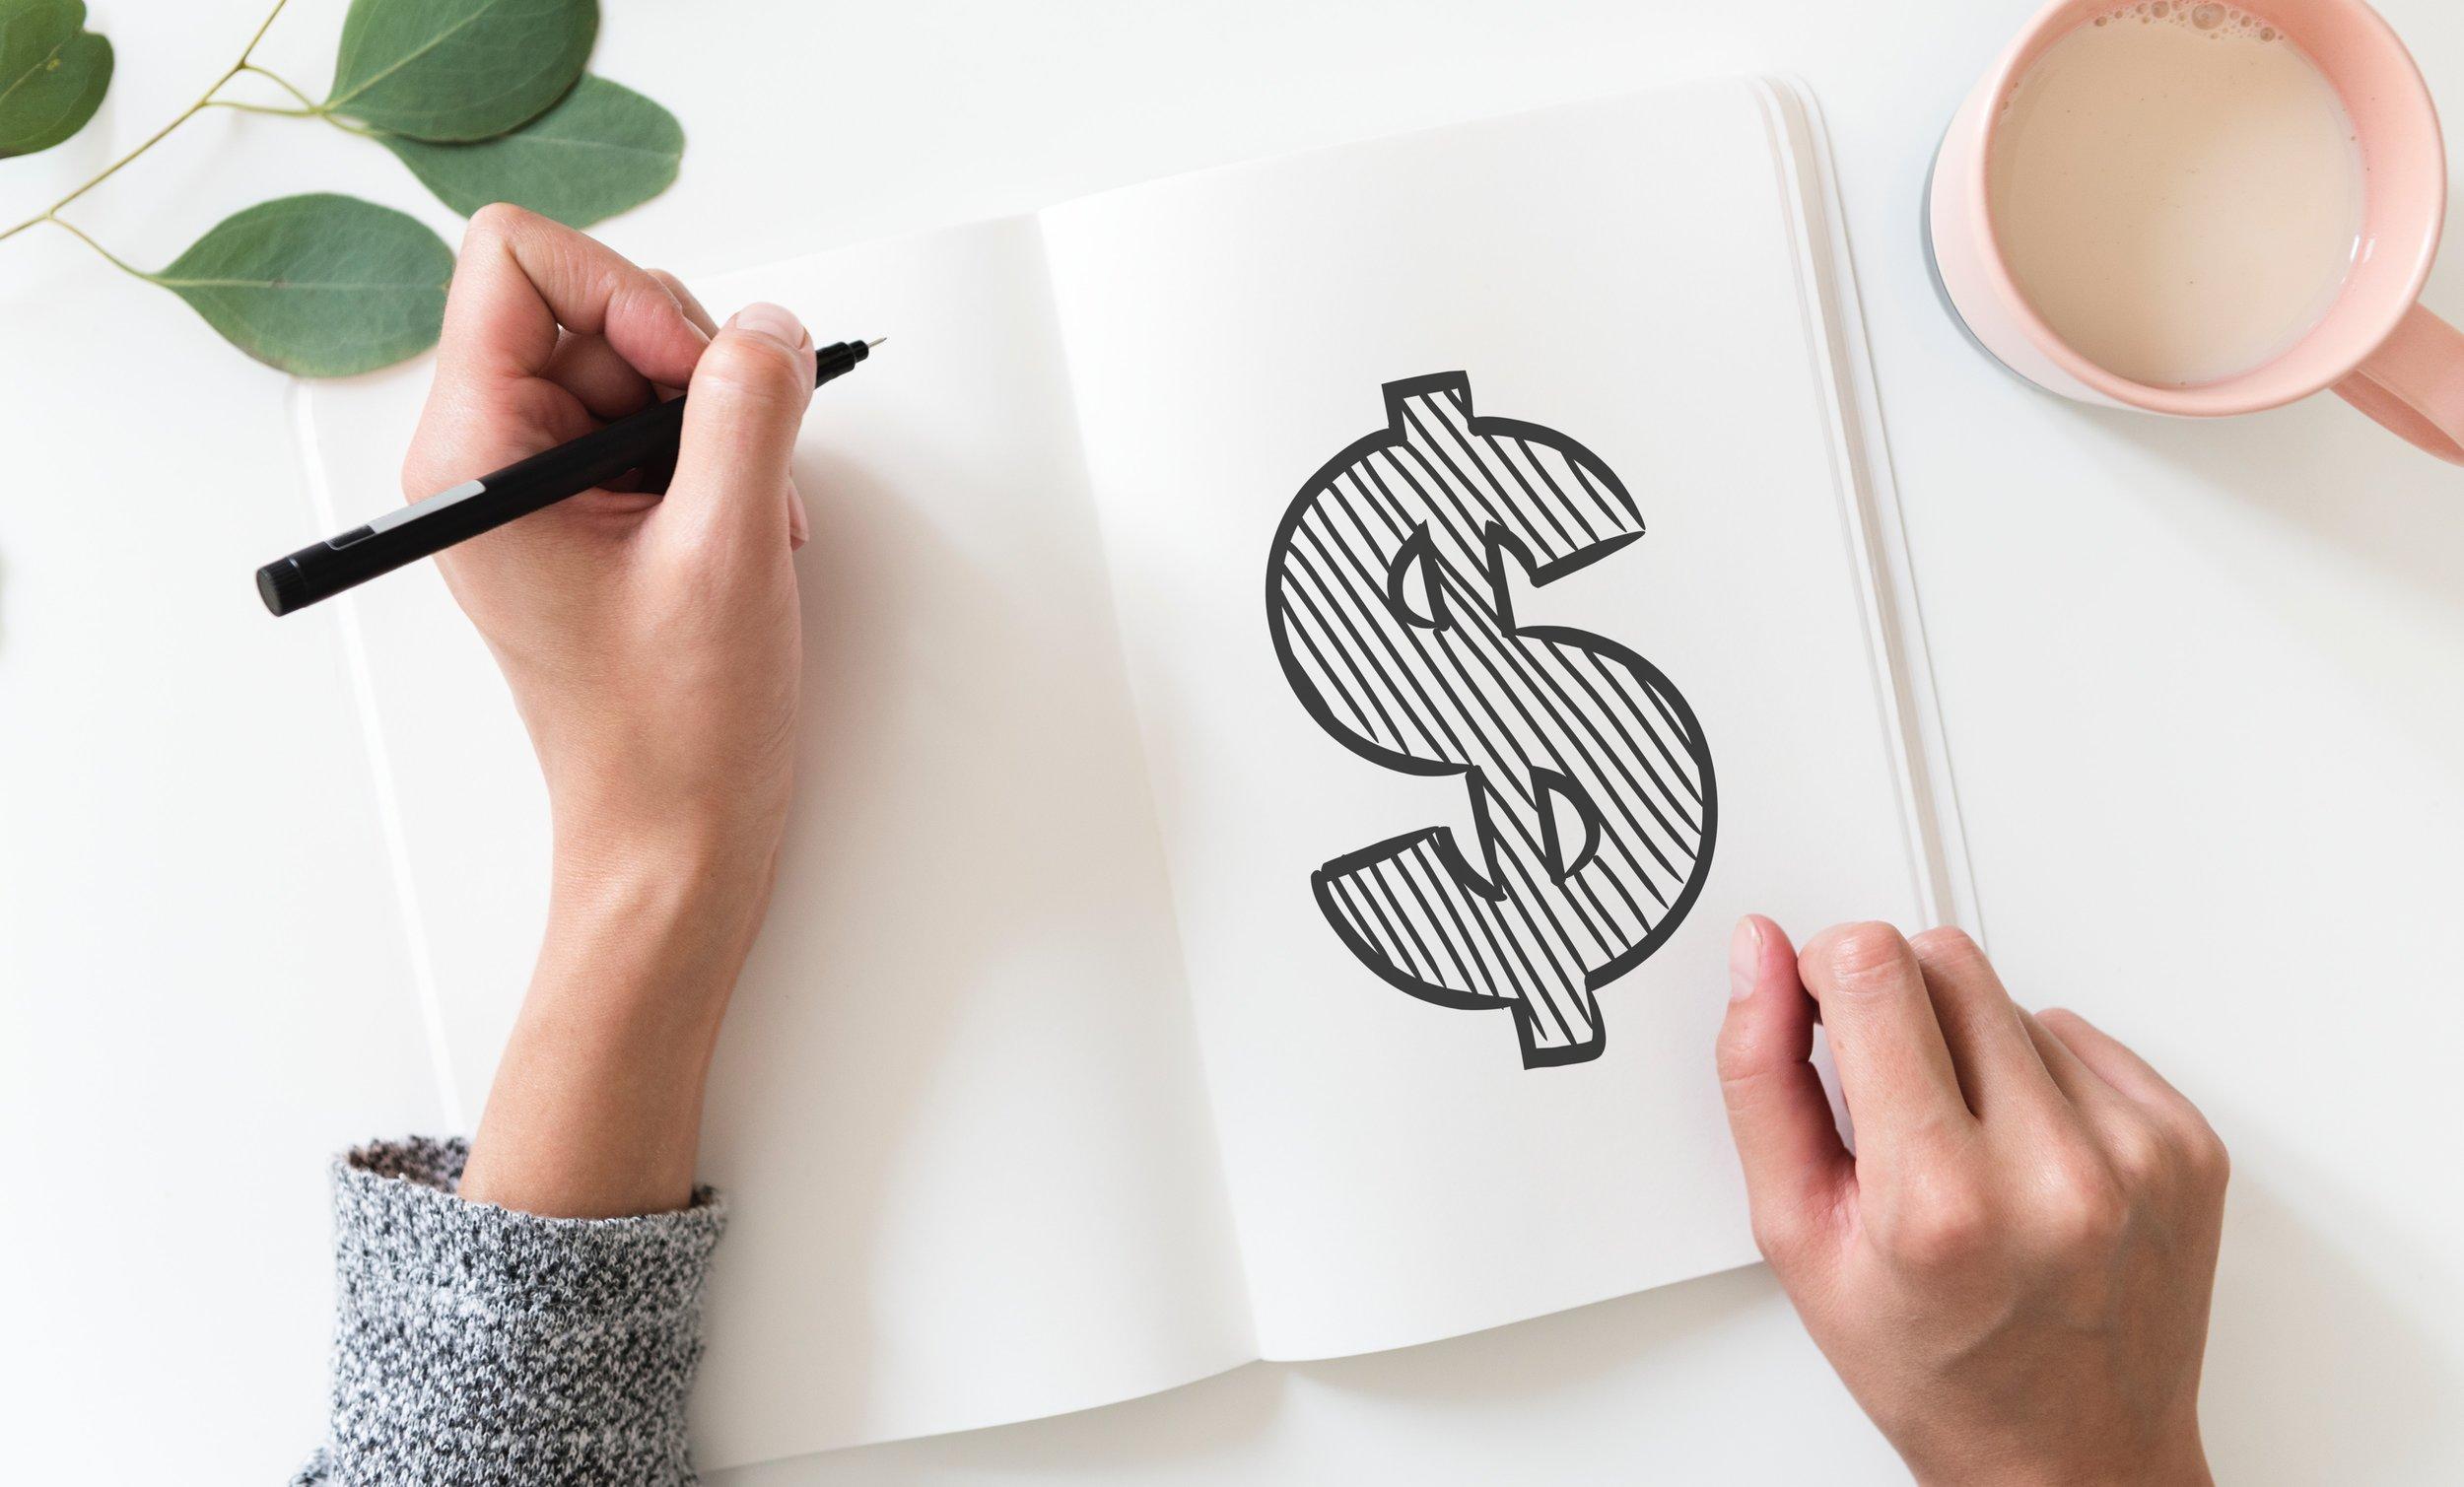 yield financial planning superannutaion checklist.jpg